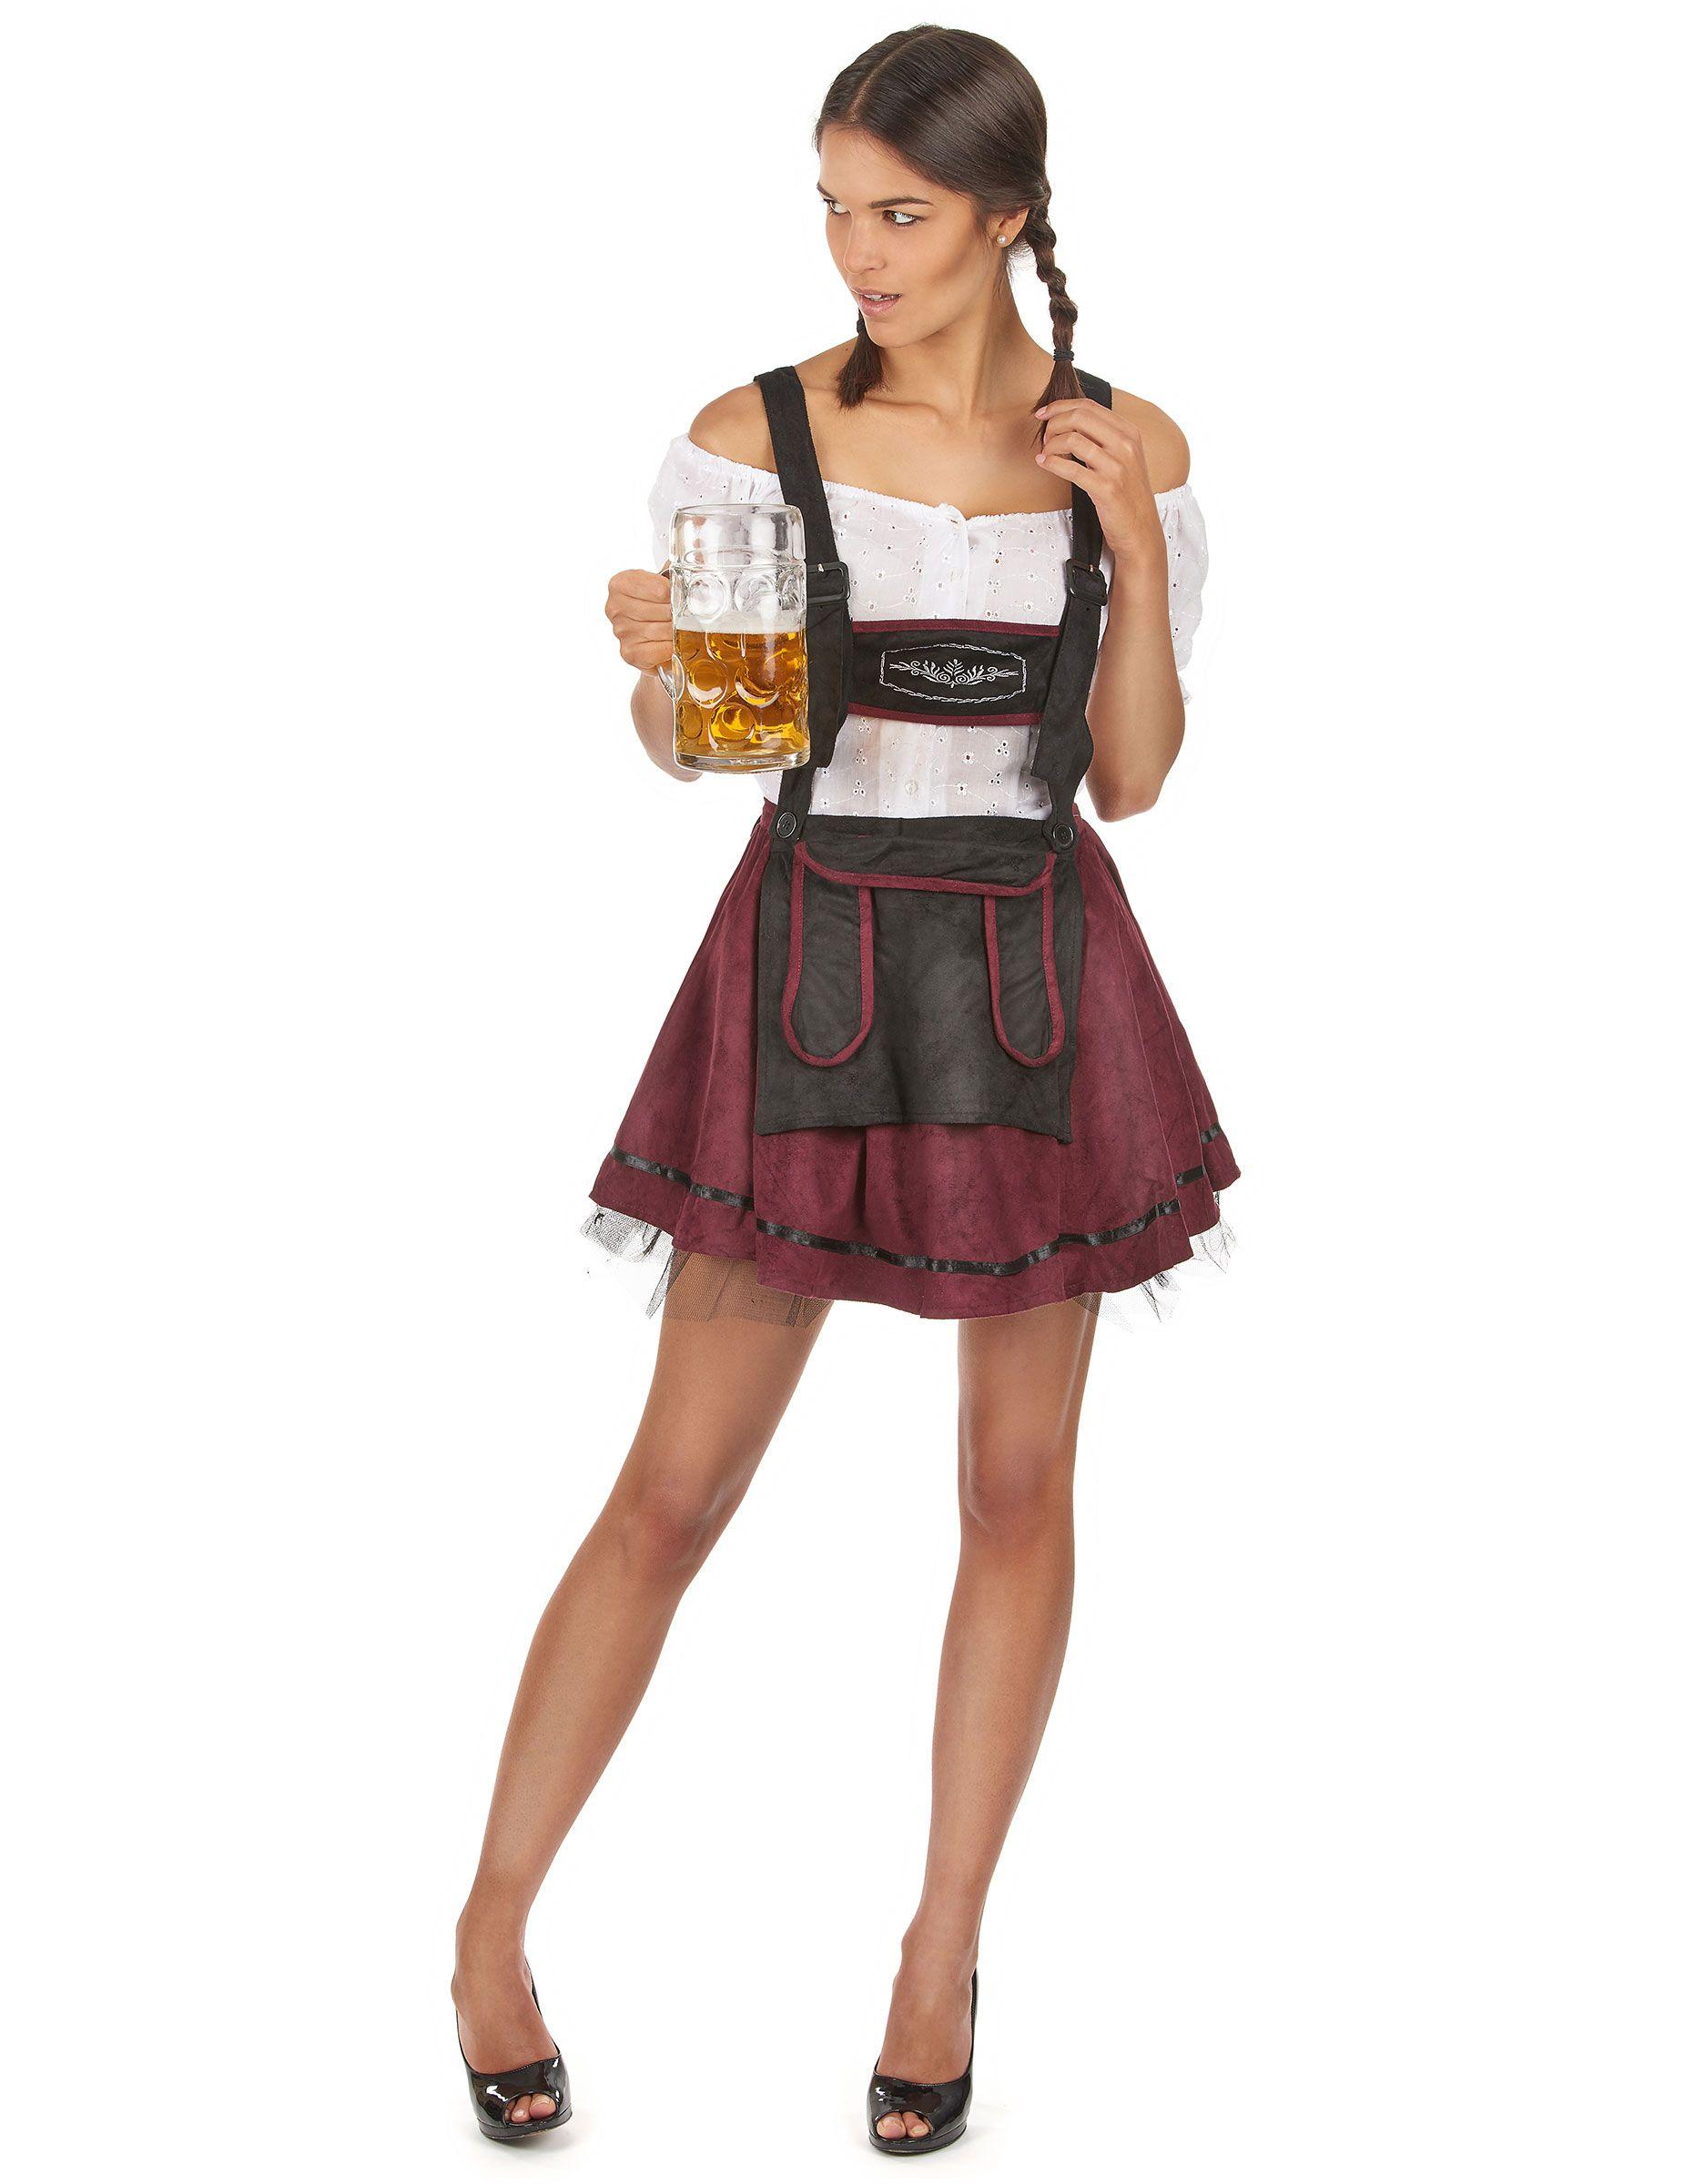 Déguisement bavaroise bordeaux sexy femme   Ce déguisement de bavaroise  sexy pour femme est composé d f4020128881